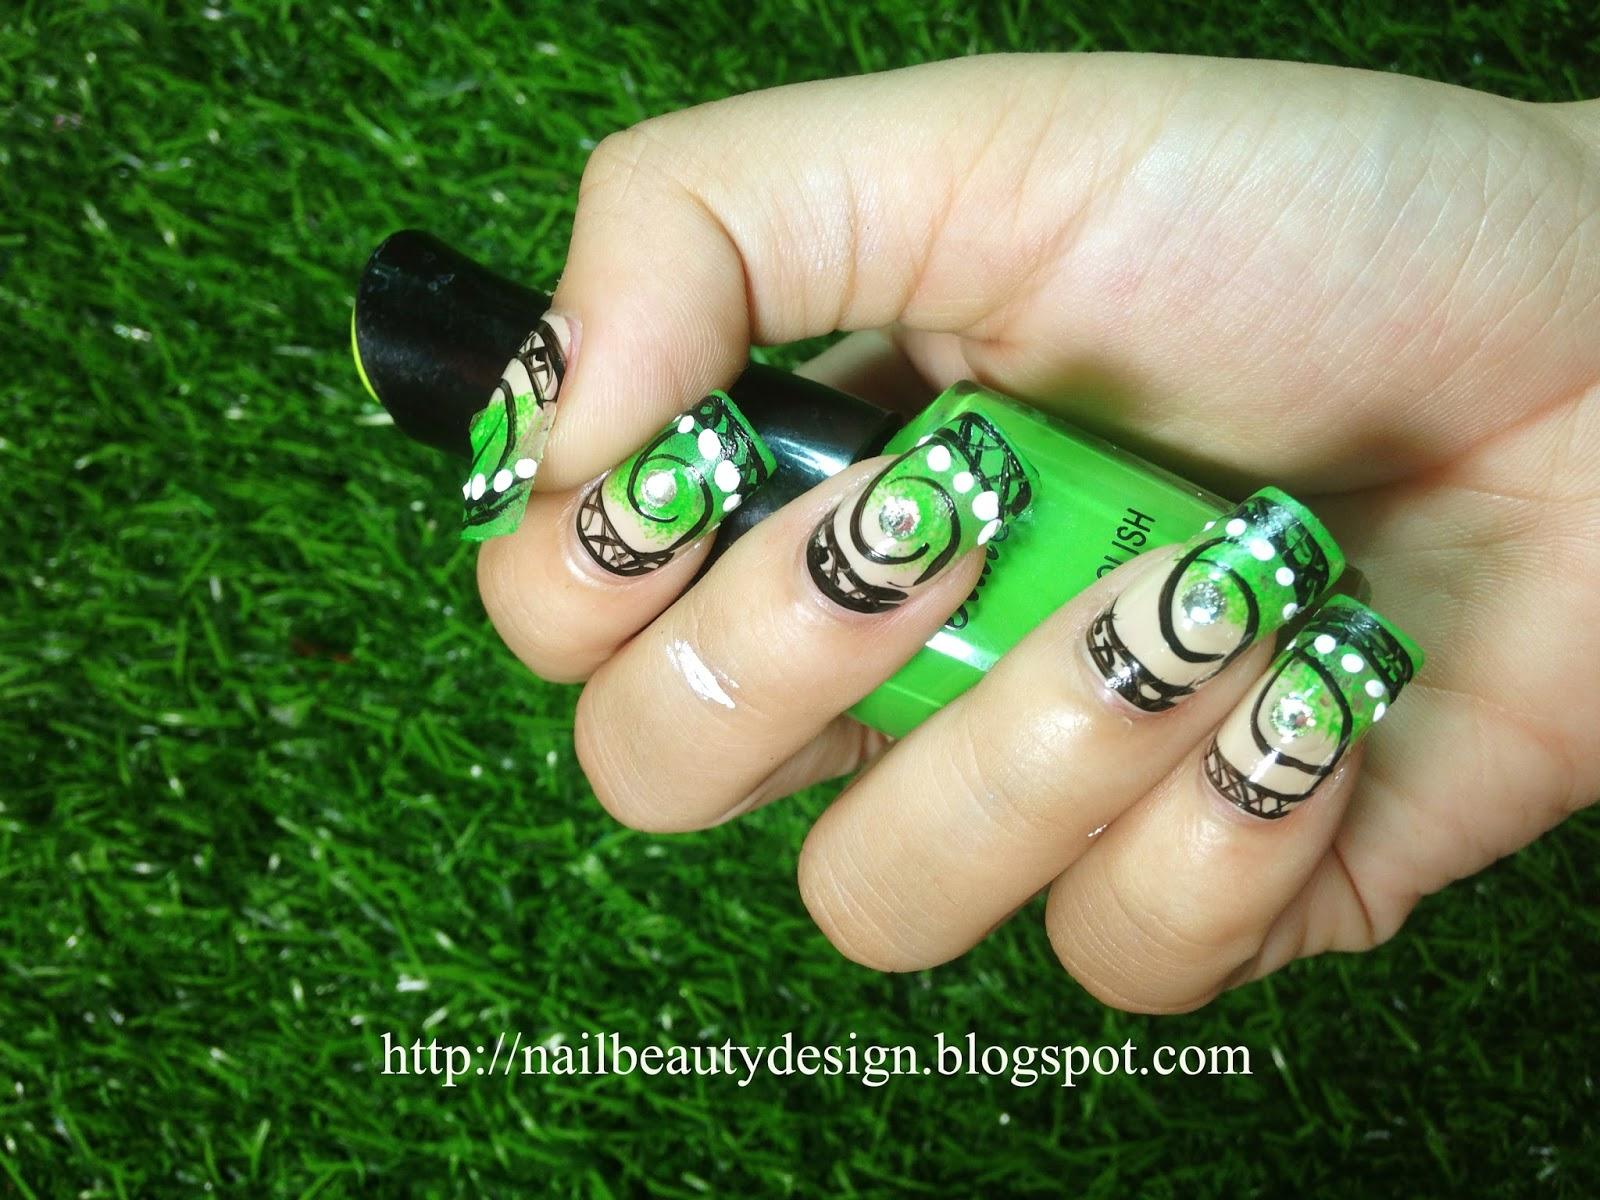 Nail Beauty | Nail Fashion Design Idea | Nail Paint Style #5 - Nail ...